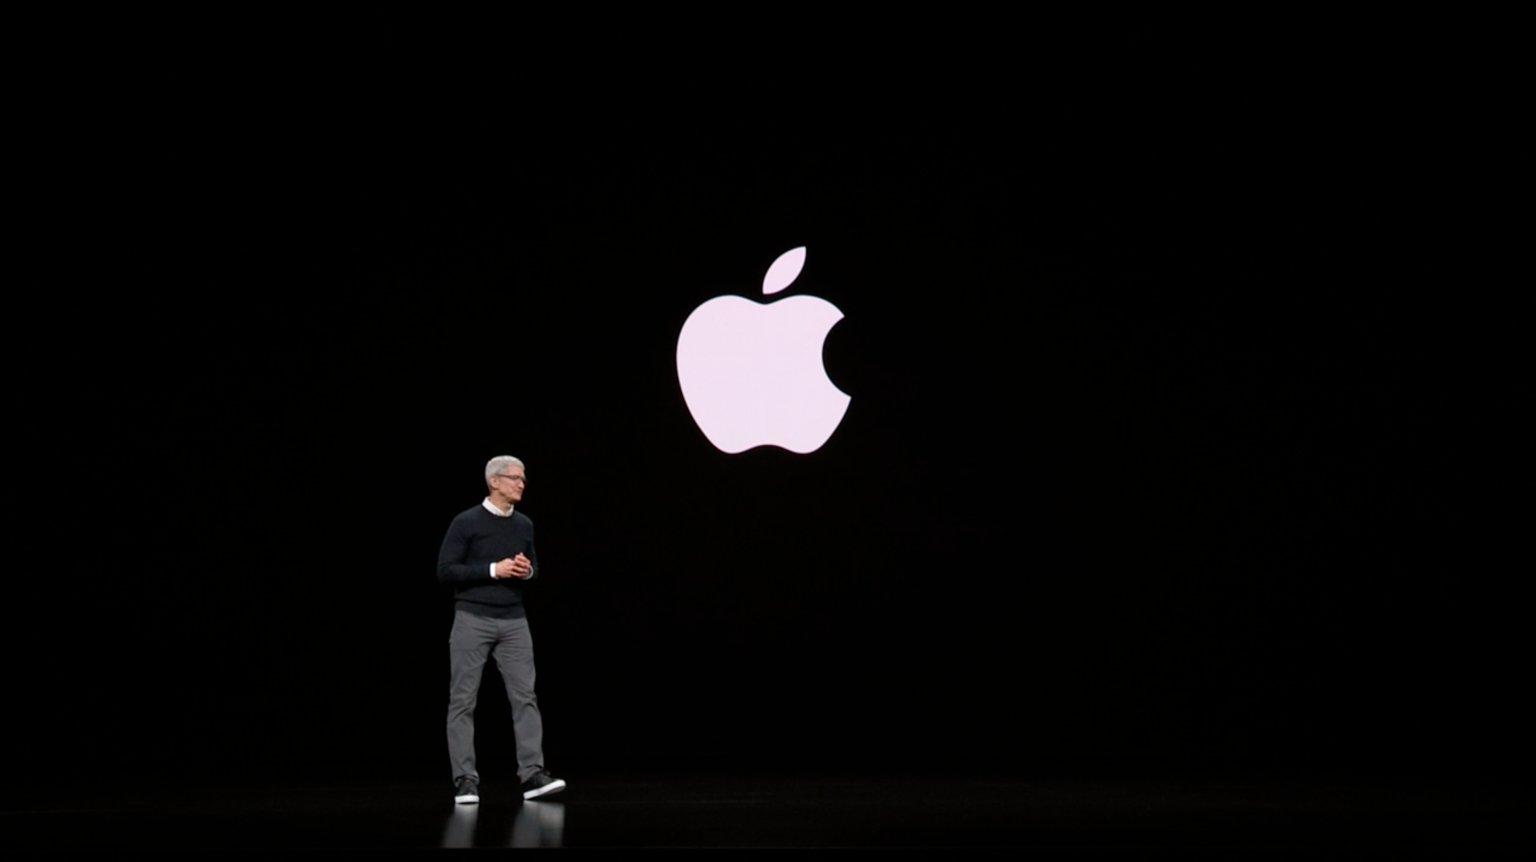 Sự kiện diễn ra sáng nay dường như là dấu hiệu xác nhận Apple sẽ chuyển sang một hướng đi mới